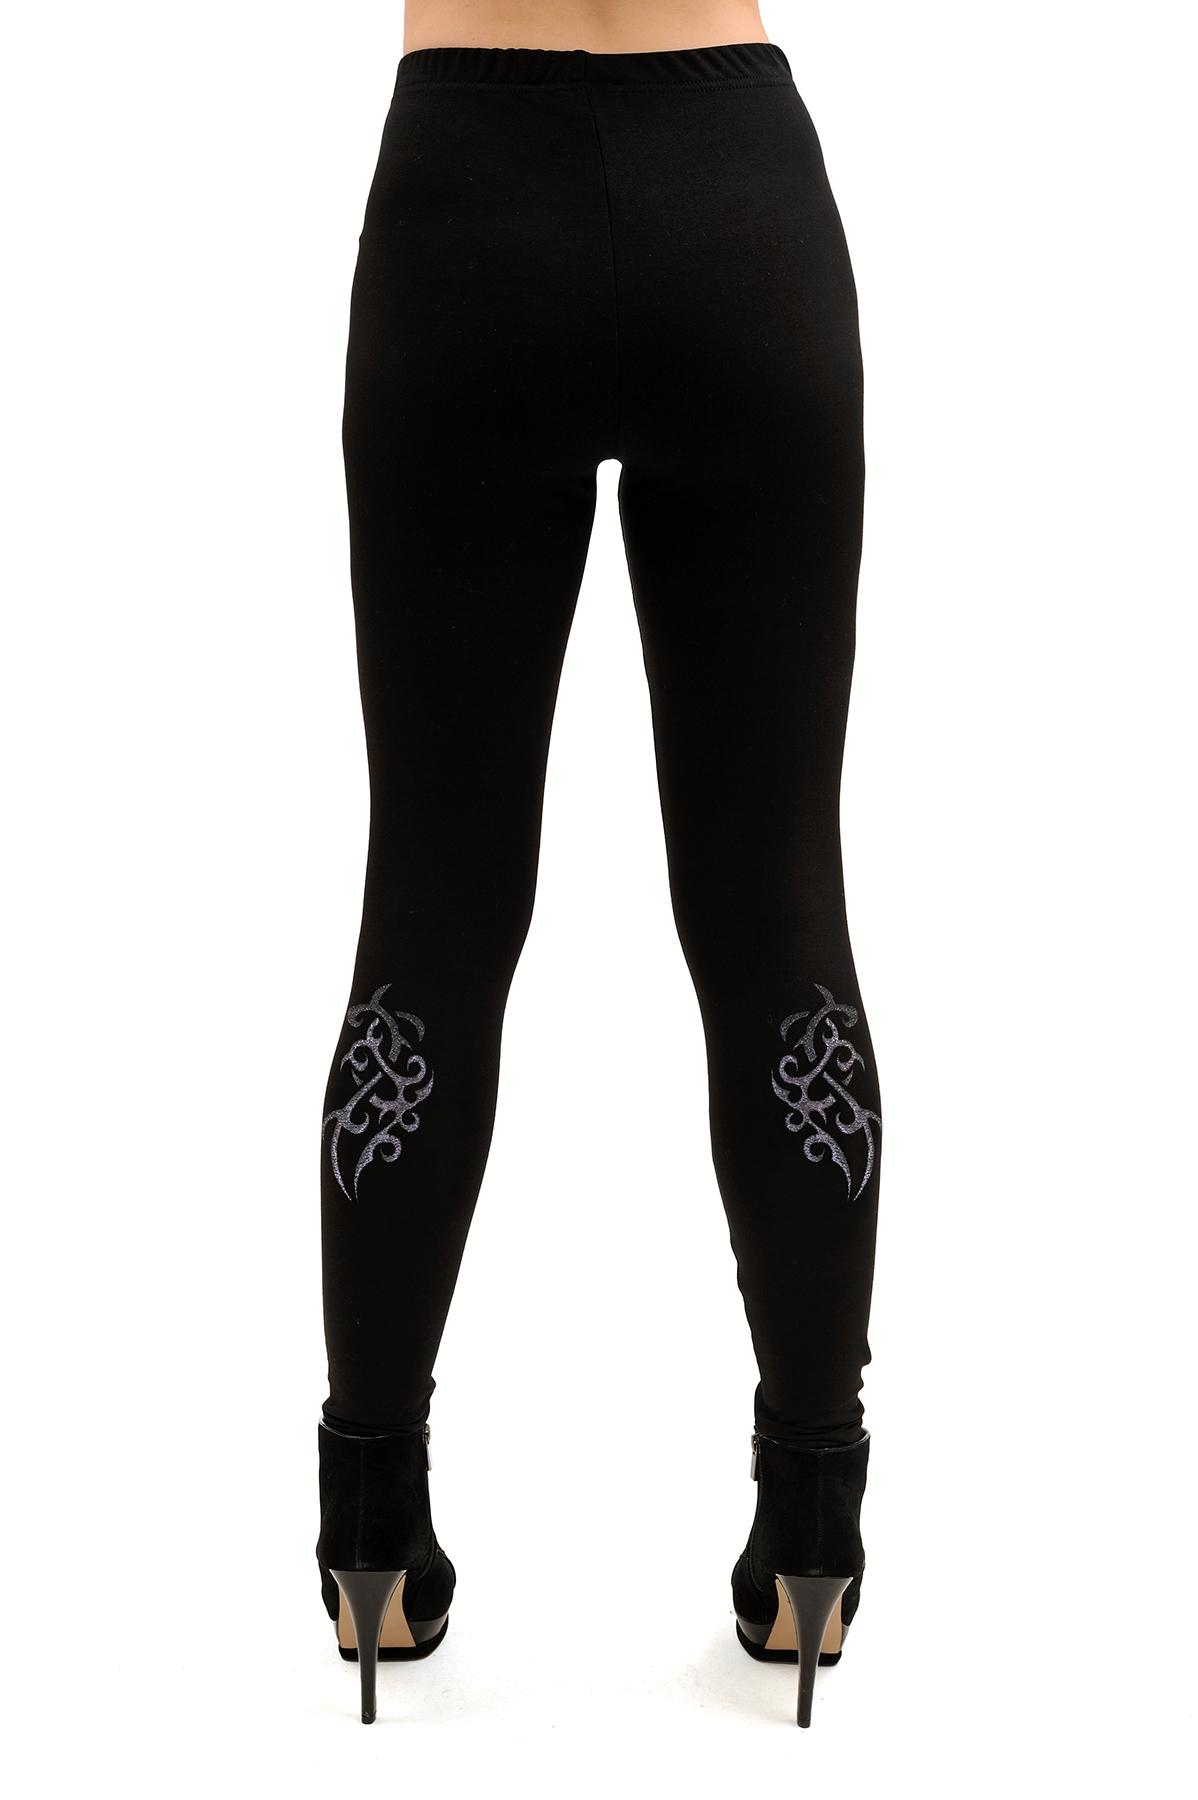 ЛеггинсыЖенские юбки и брюки<br>Модные леггинсы на эластичном поясе. Облегающий покрой изделия выгодно подчеркнет стройность Ваших ног. Прекрасный вариант для различных комбинаций в одежде.<br><br>Цвет: черный<br>Состав: 70% хлопок, 25% полиэстер, 5% лайкра<br>Размер: 40,42<br>Страна дизайна: Россия<br>Страна производства: Россия